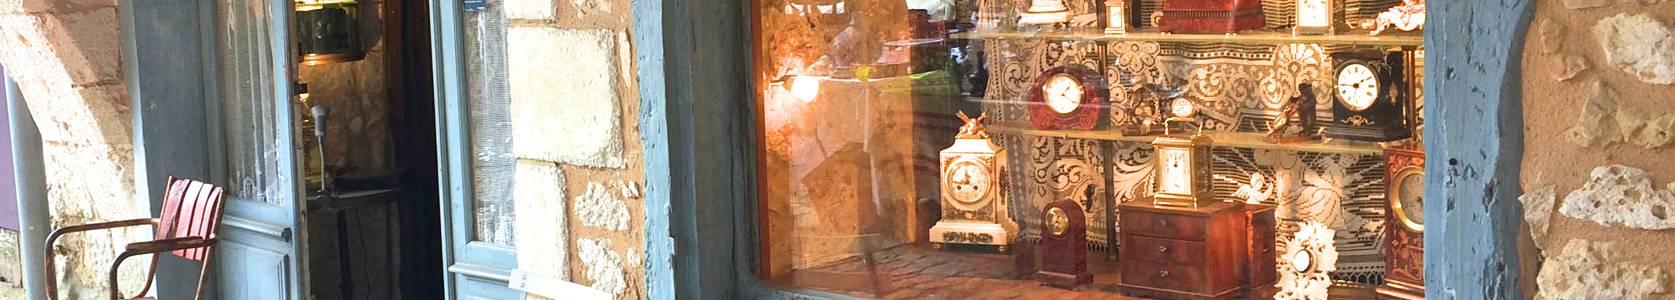 Horlogerie à Monpazier